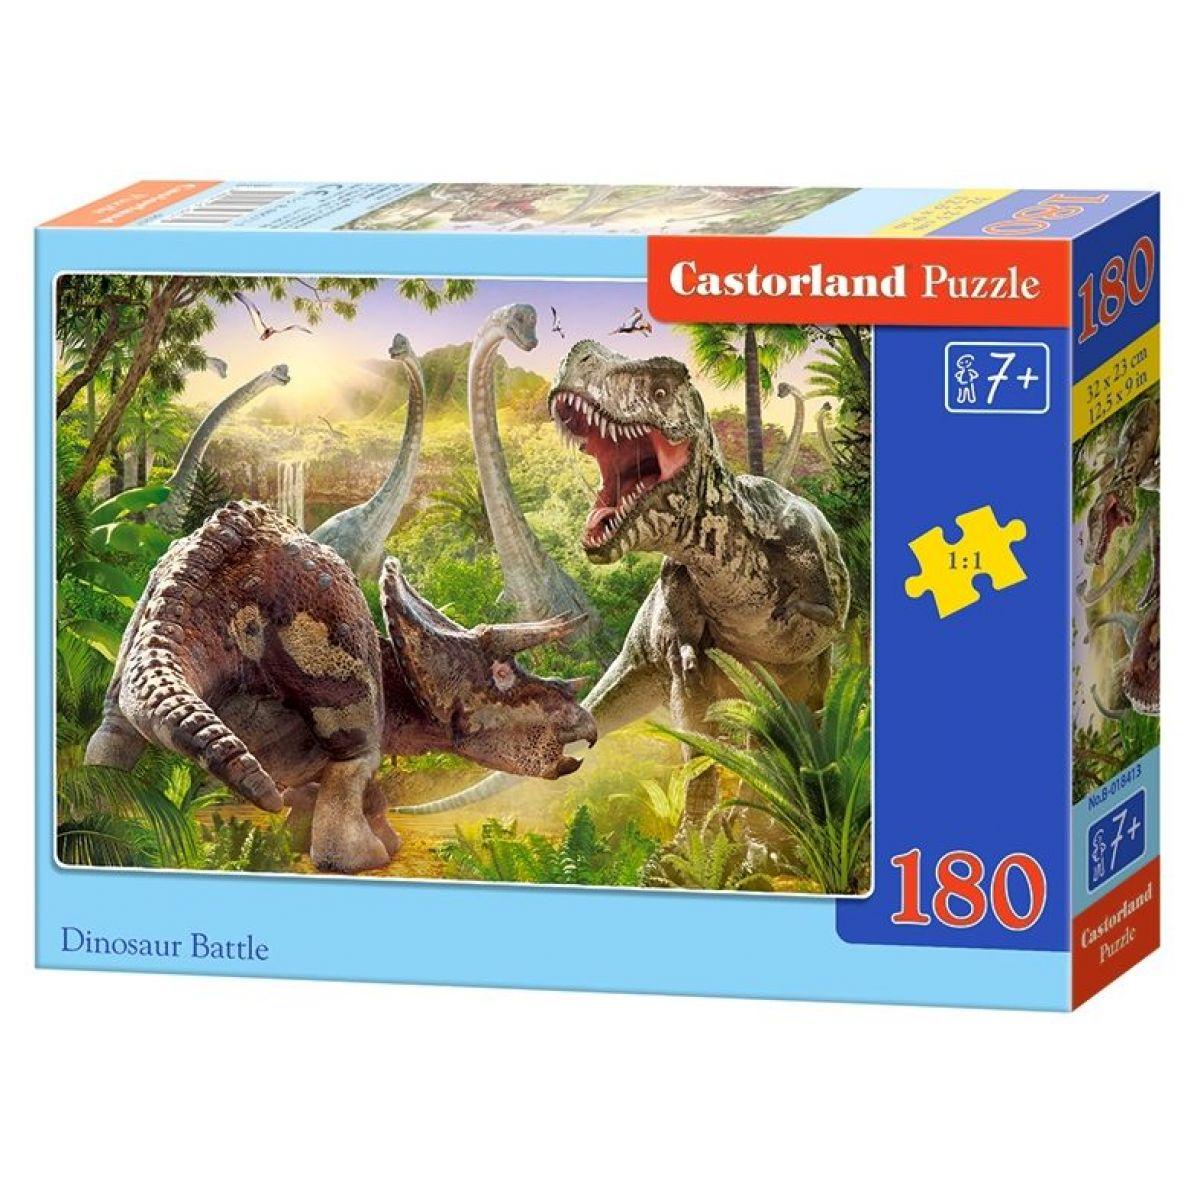 Castorland Puzzle 180 dielikov Dinosaurie bitka